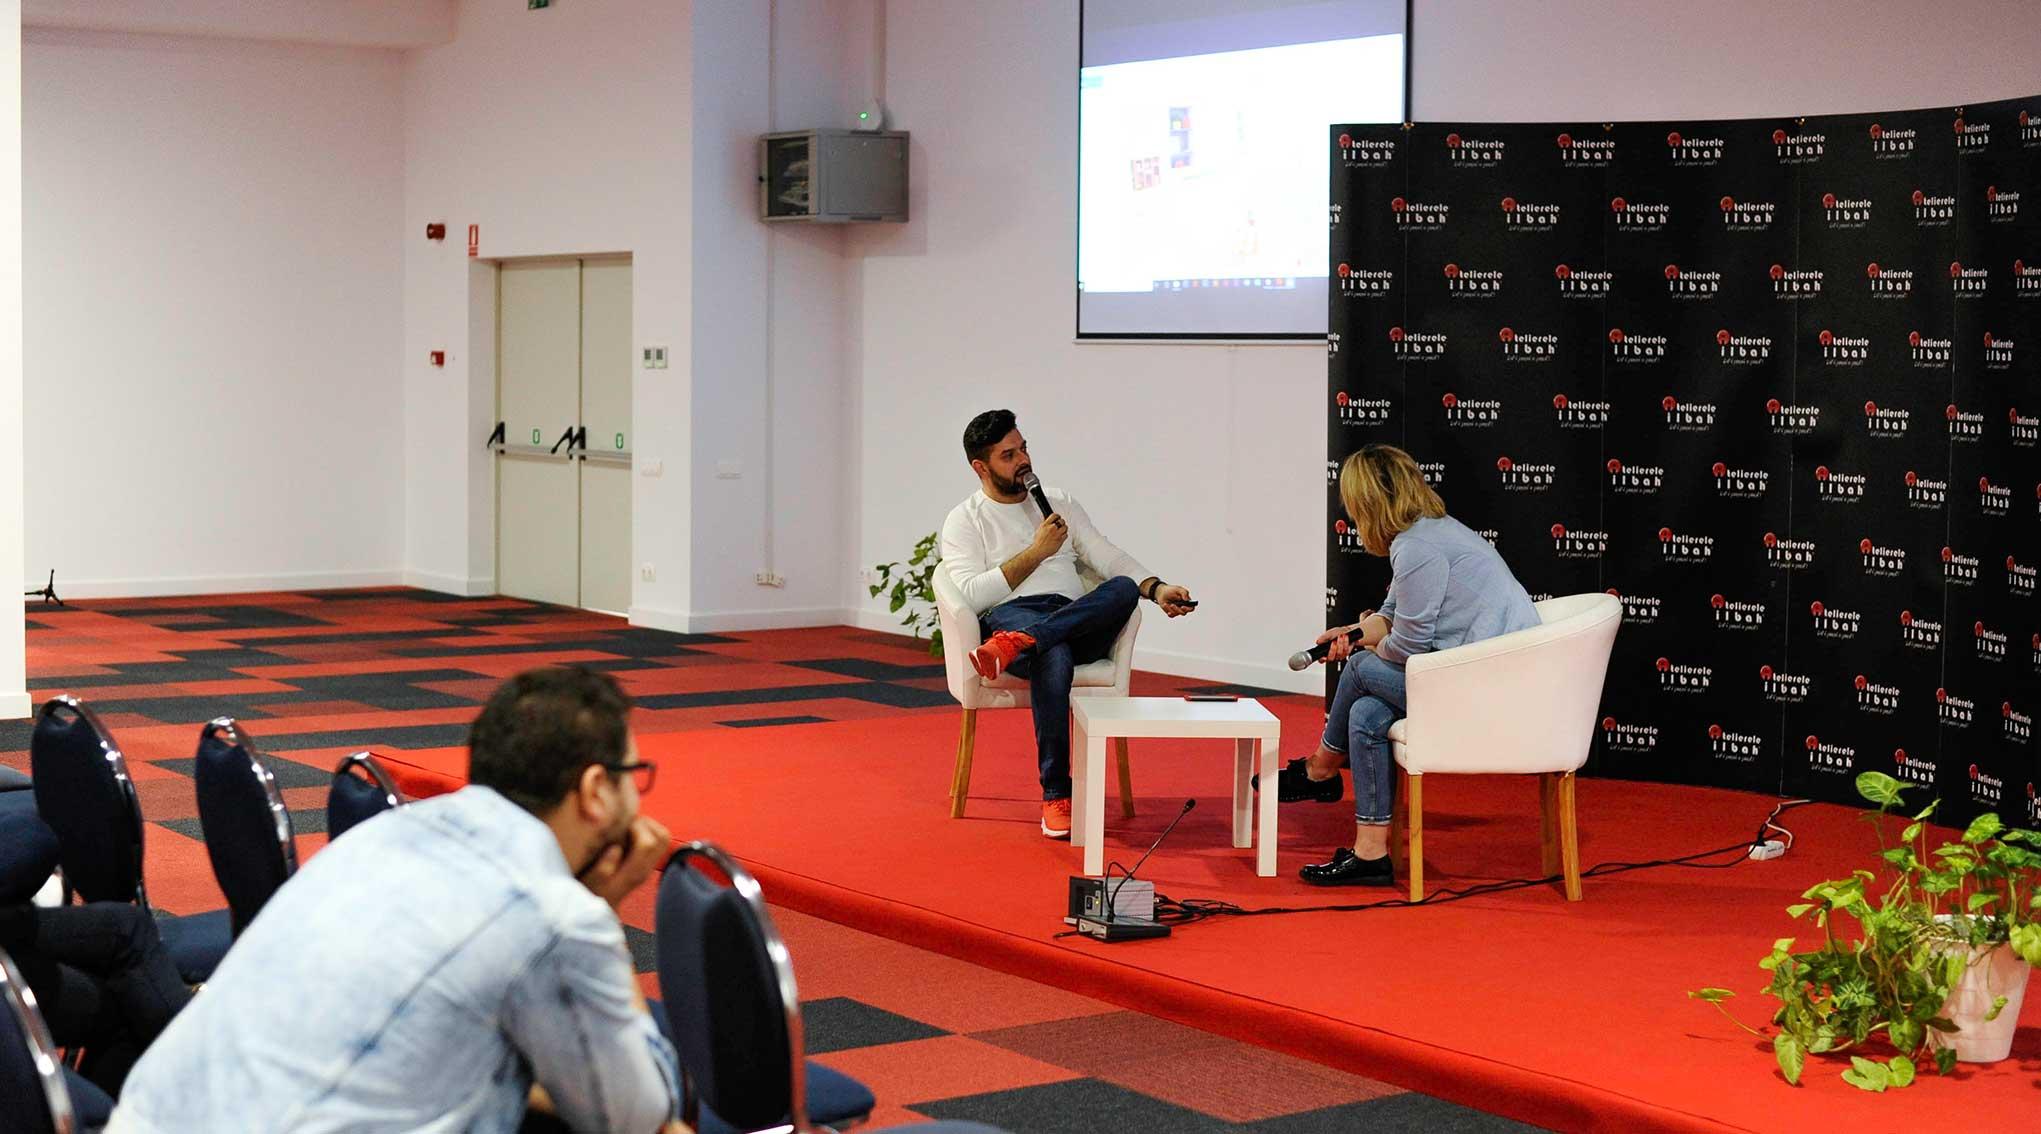 workshop-uri-demonstratii-si-conferinte-marca-atelierele-ilbah-pe-parcursul-a-4-zile-in-cadrul-romexpo-29